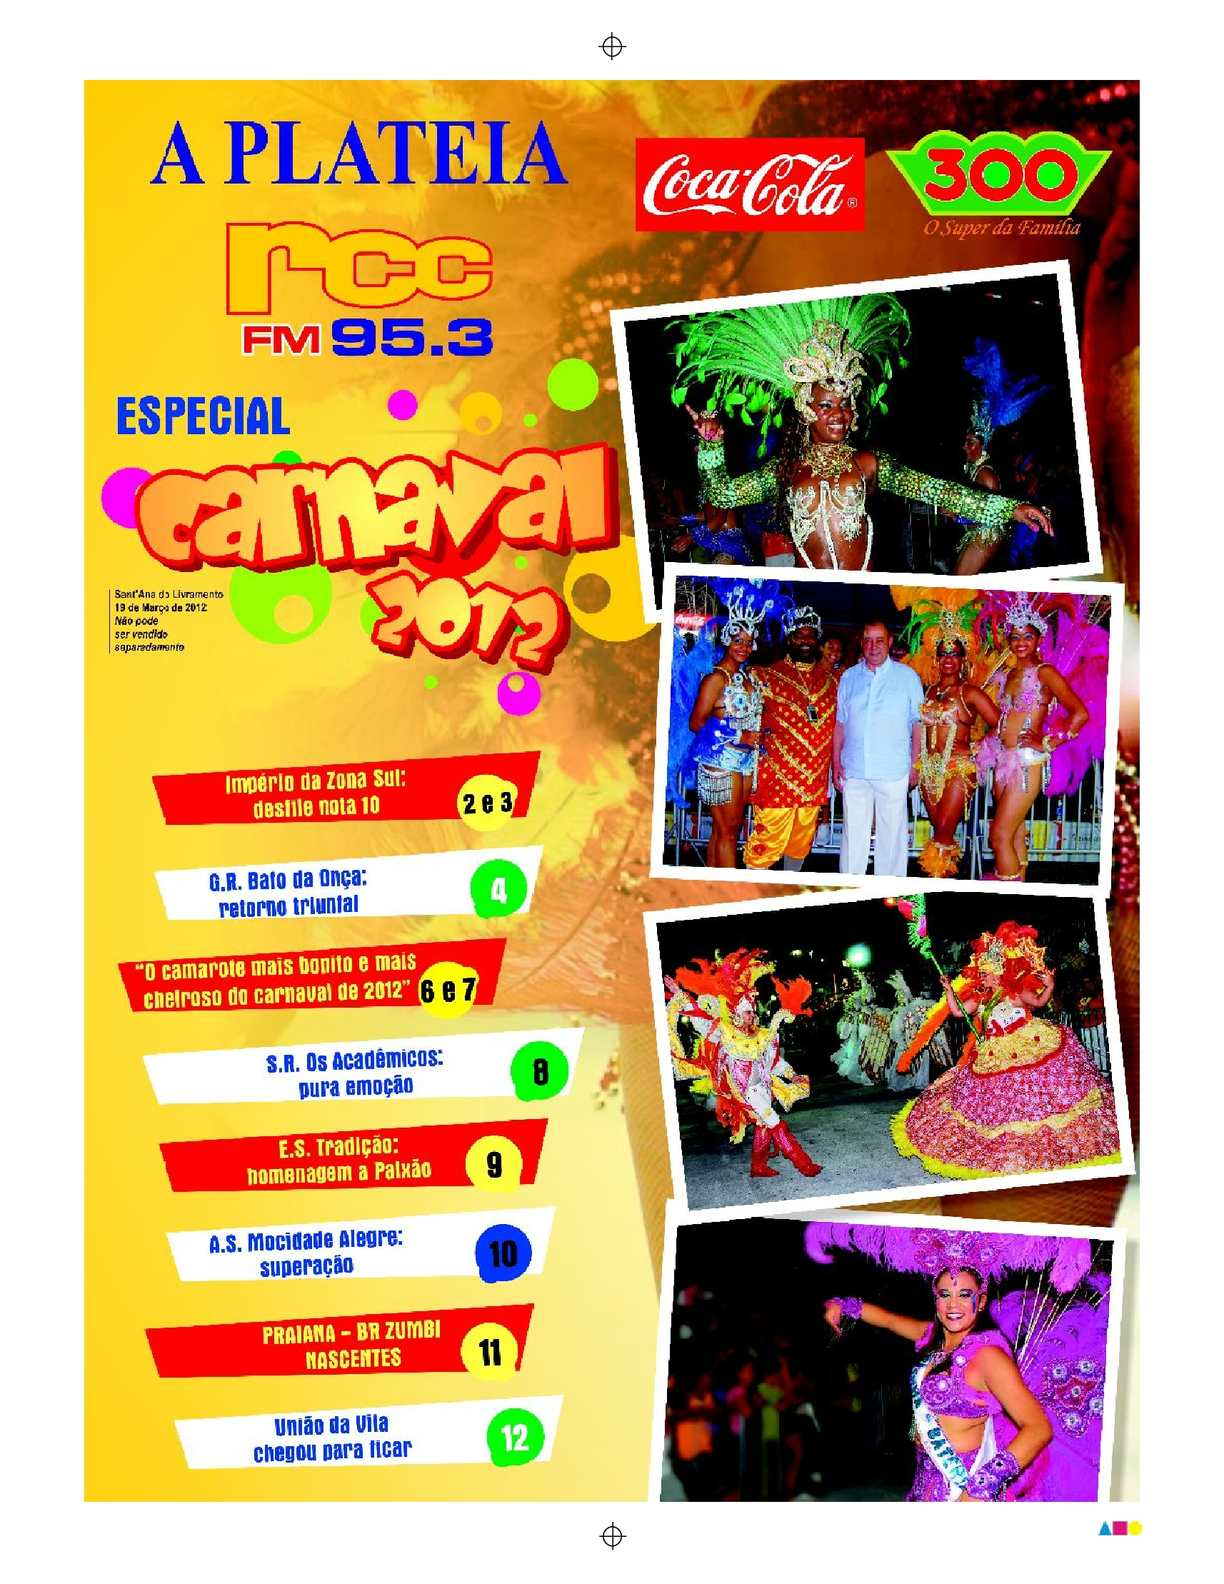 Especial de Carnaval 2012